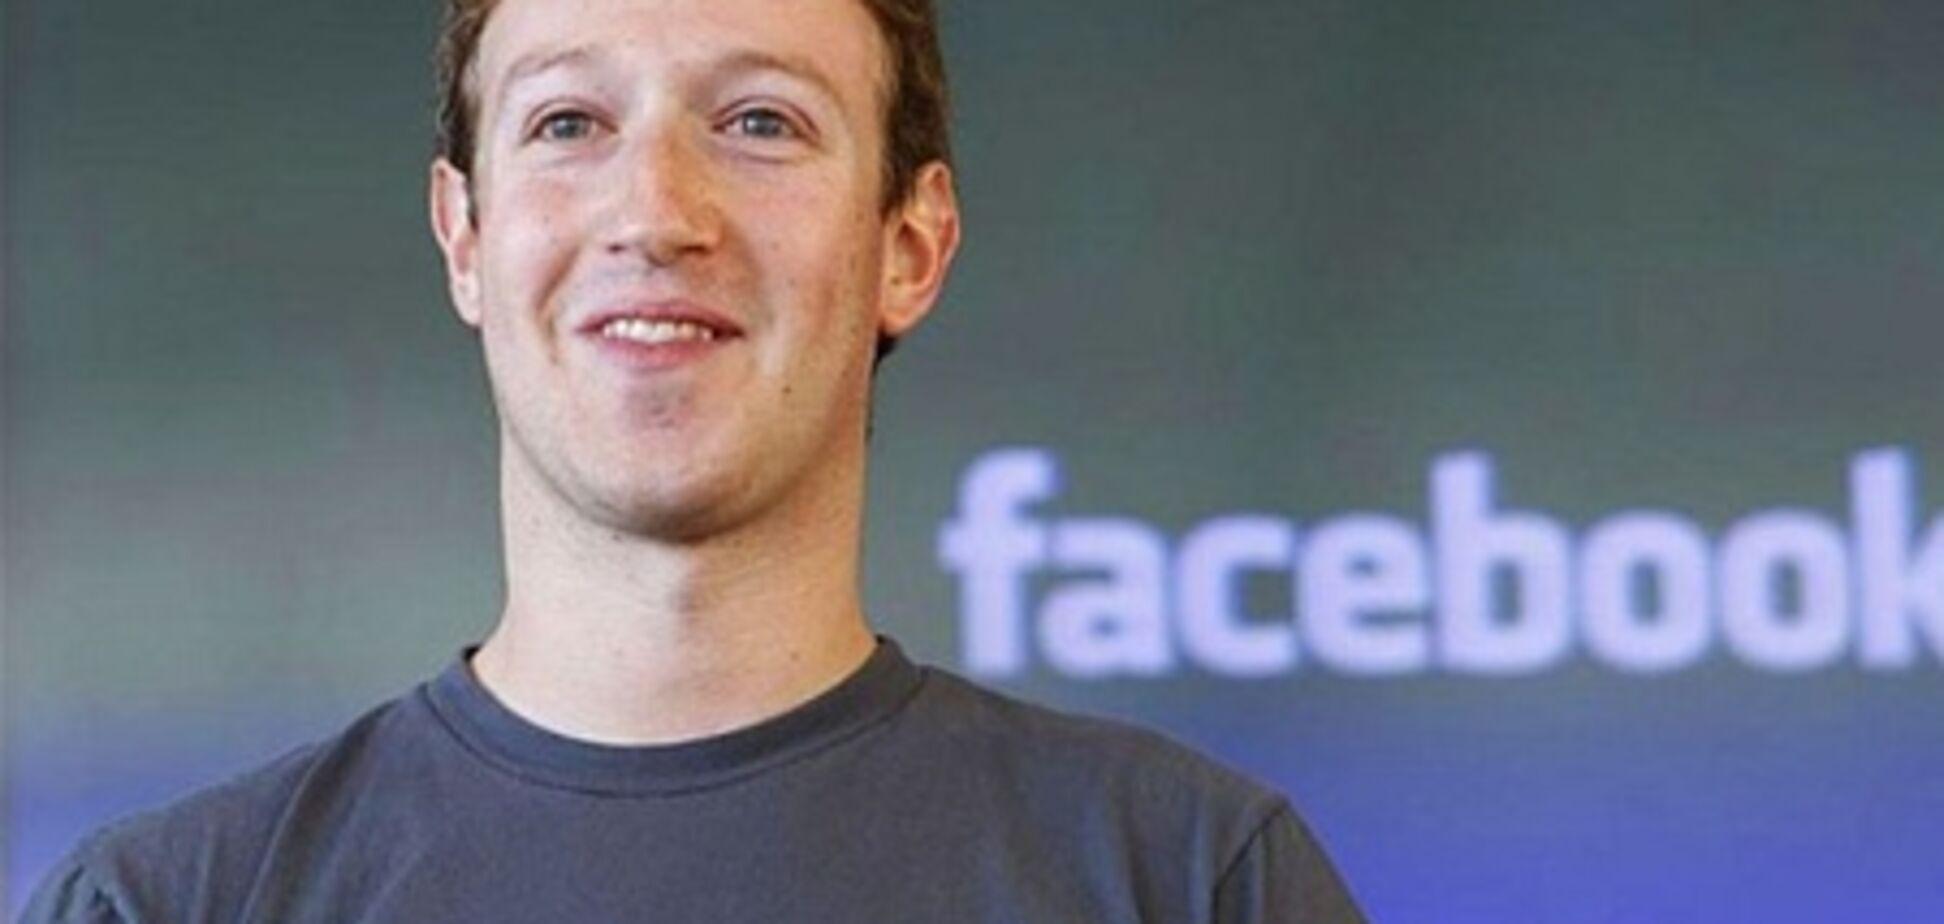 ТОП-5 Інтернет-геніїв, які стали мільярдерами